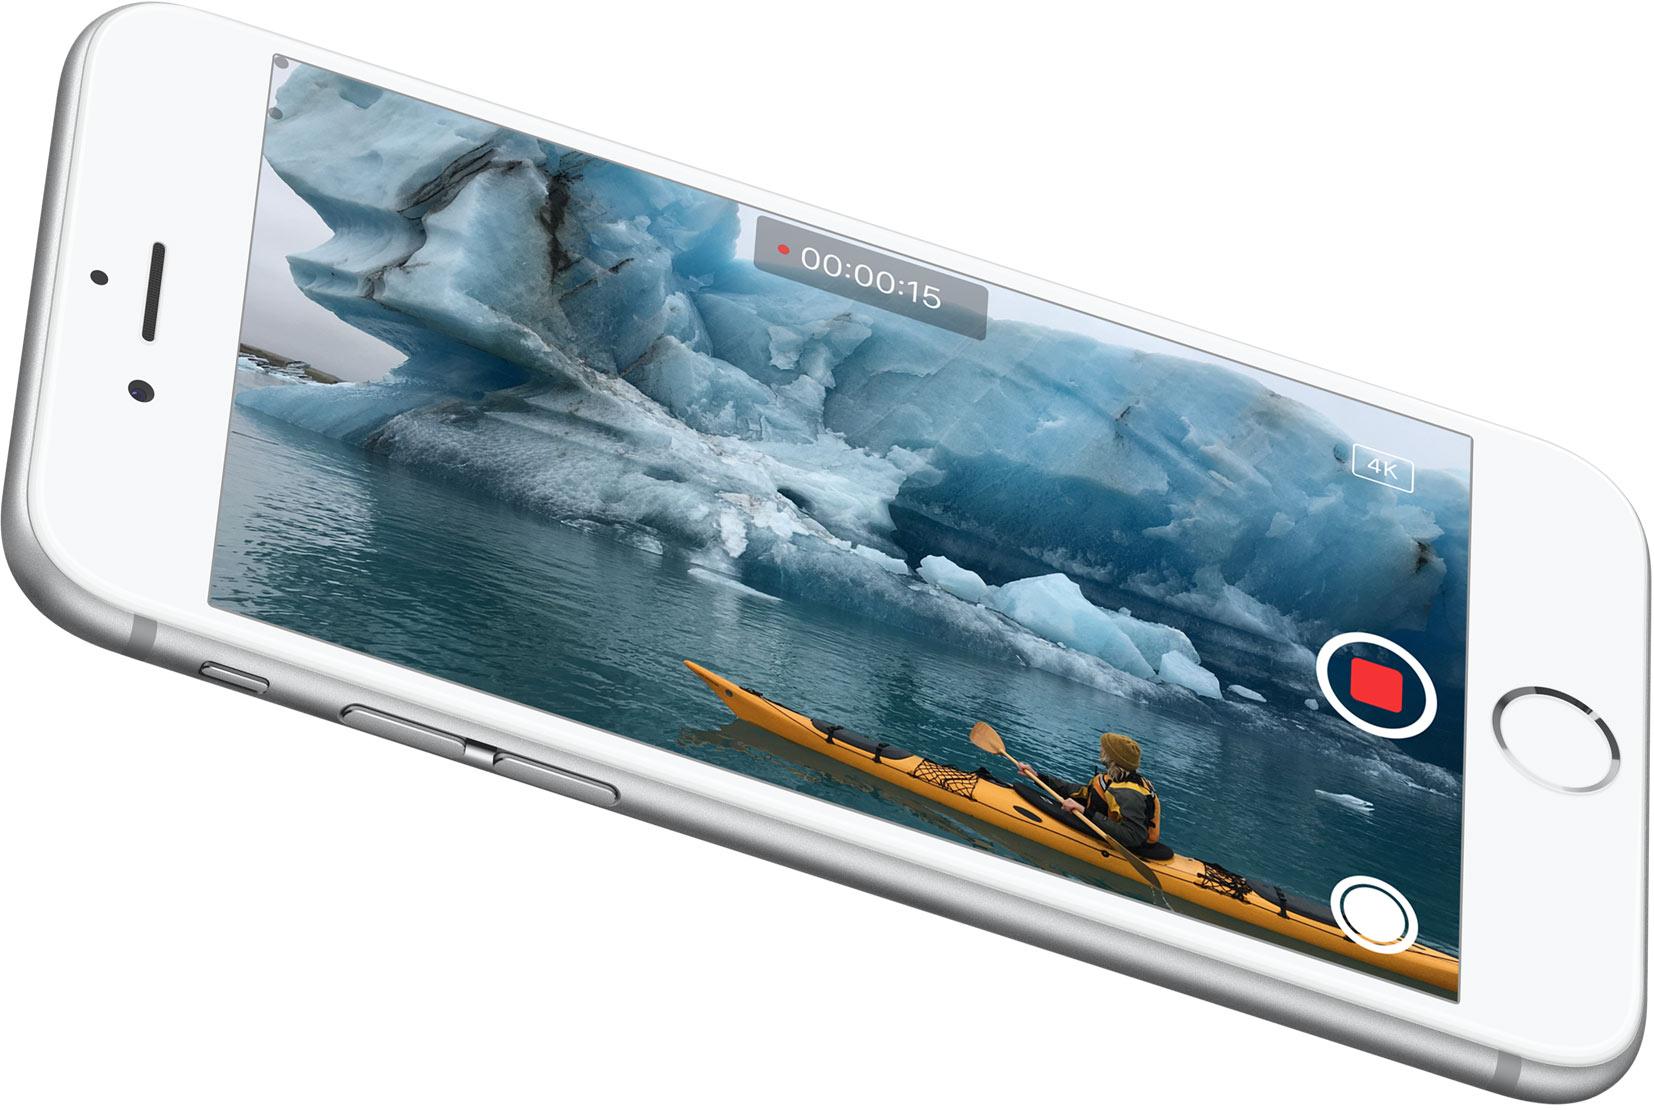 iphone 6s camera 4k video image 001 iPhone 6s e 6s Plus disponibili dal 9 Ottobre in Italia